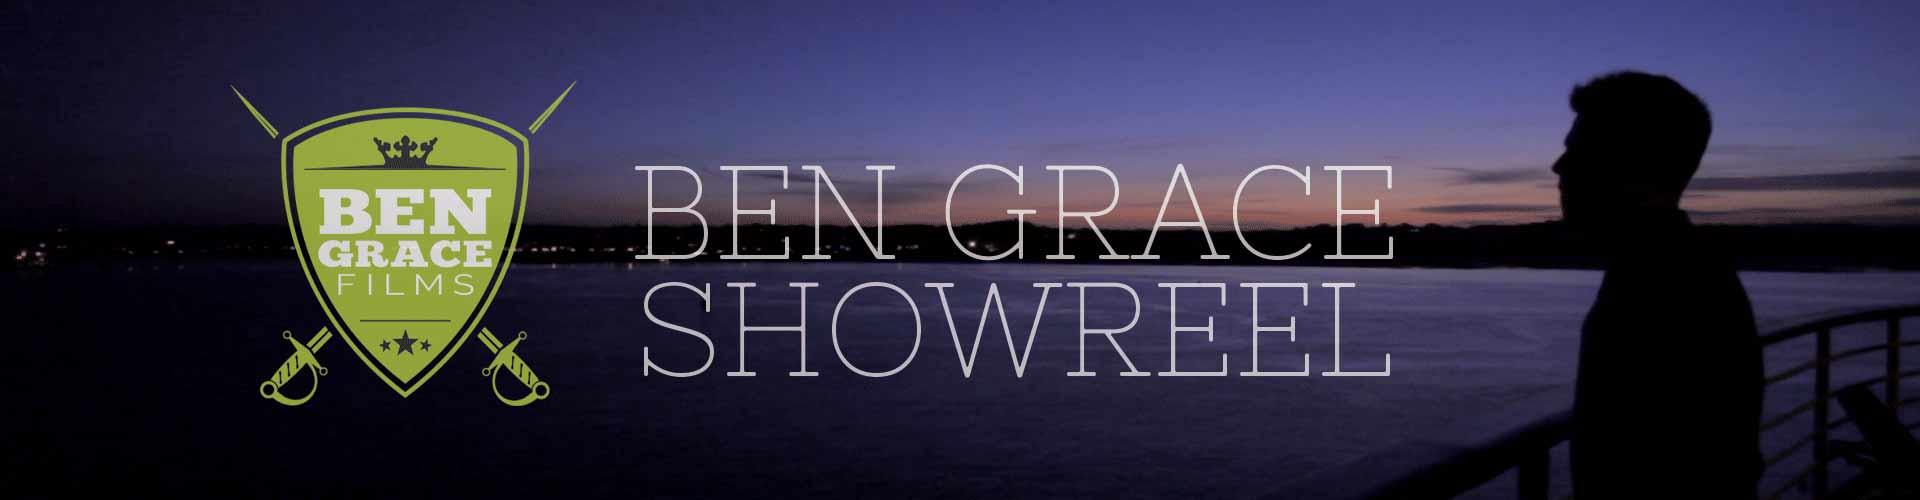 Ben Grace Portfolio | Ben Grace Films | BenGrace.co.uk